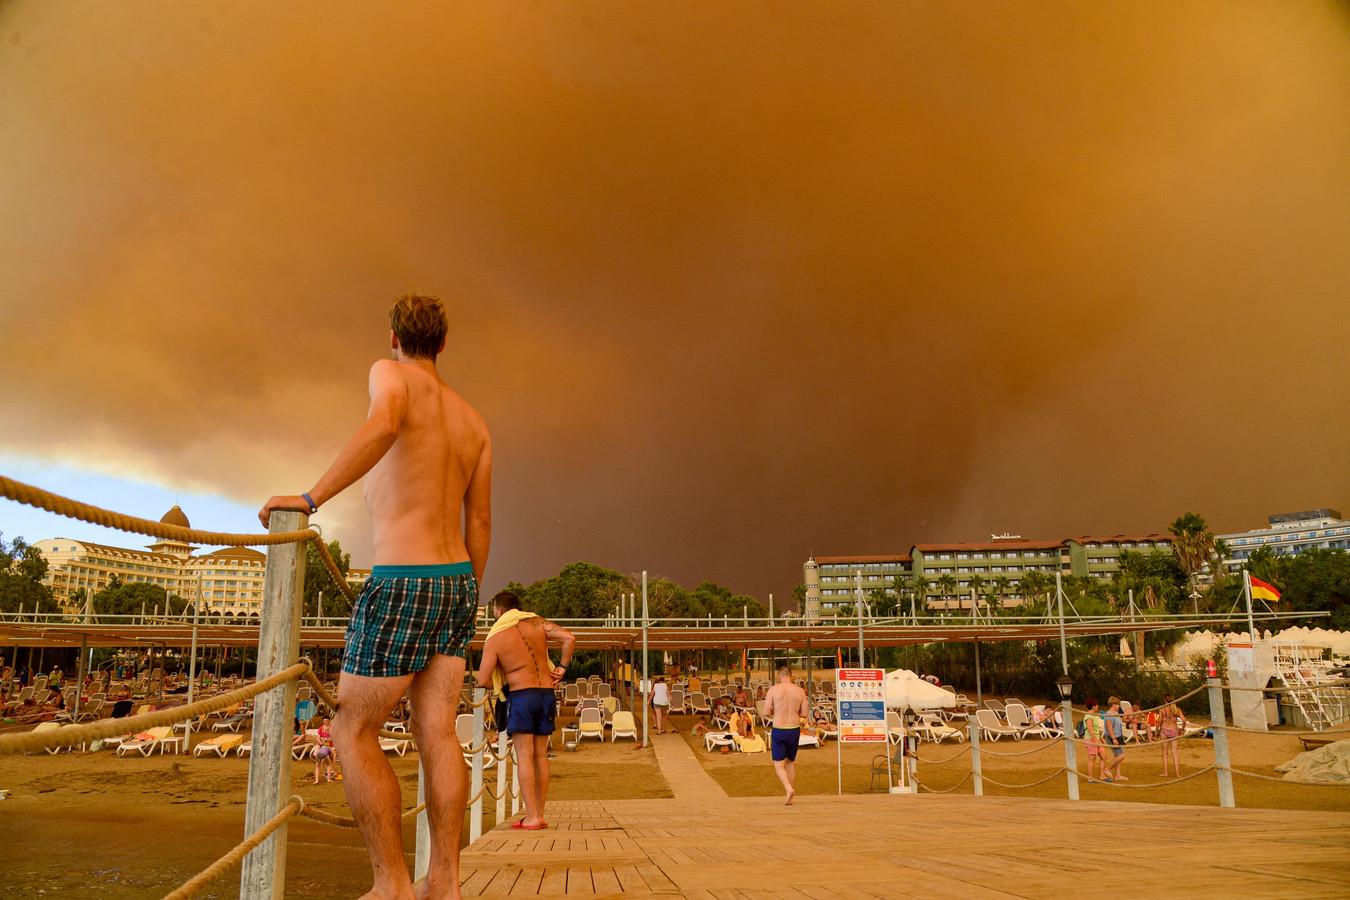 Selon Corendon, la région de la ville de Manavgat, située à 60 kilomètres à l'est d'Antalya, est la plus touchée par les feux de forêt. Le tour-opérateur ajoute néanmoins que selon les autorités turques, il n'y a aucun danger pour les hôtels situés sur la côte.